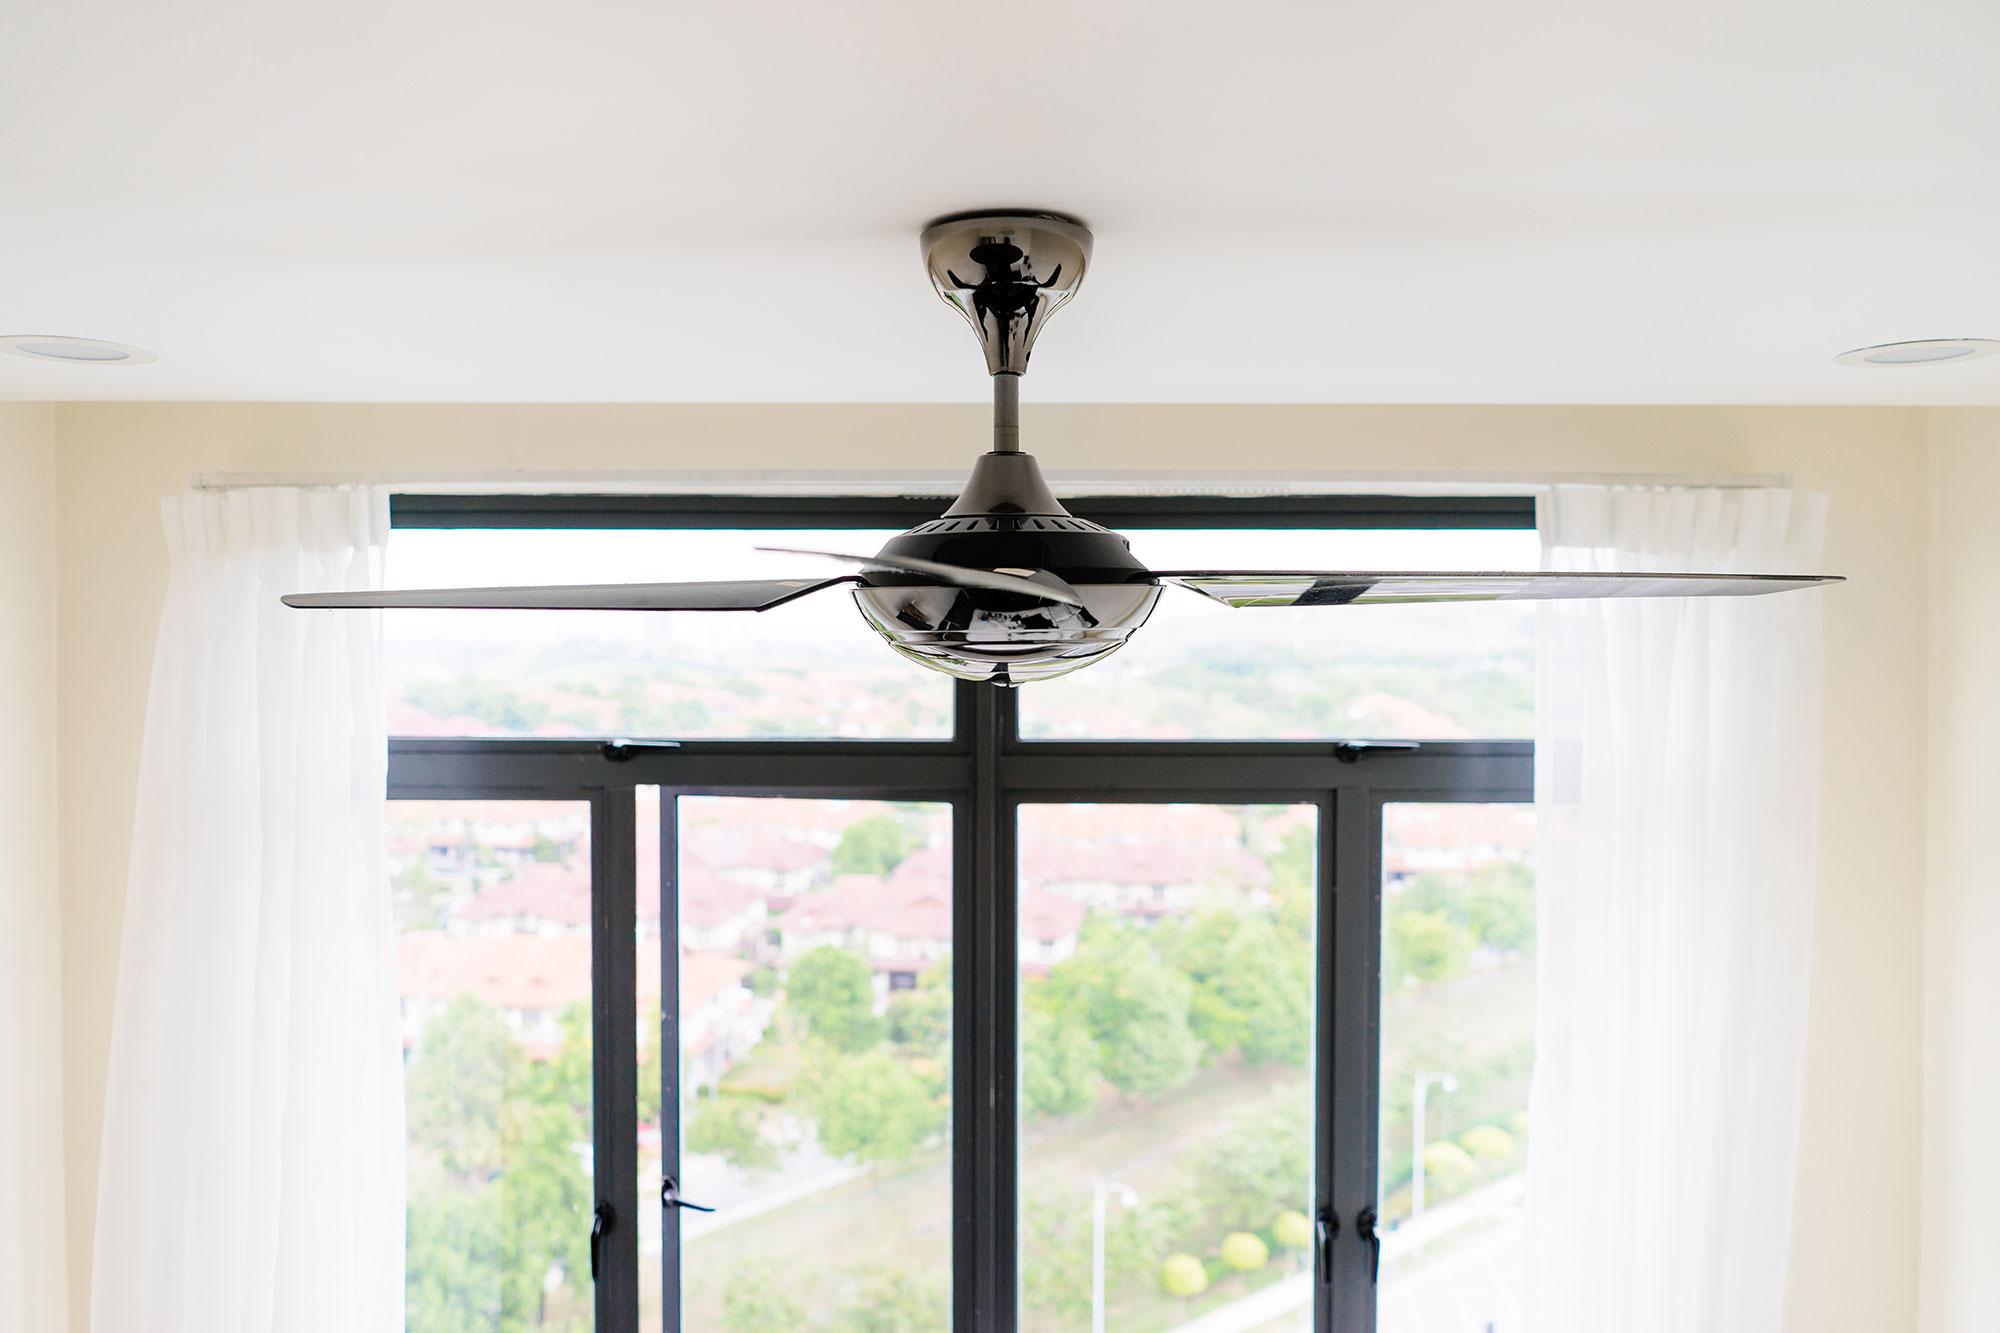 Verkoeld De Warme Zomer Door Met Ventilatoren